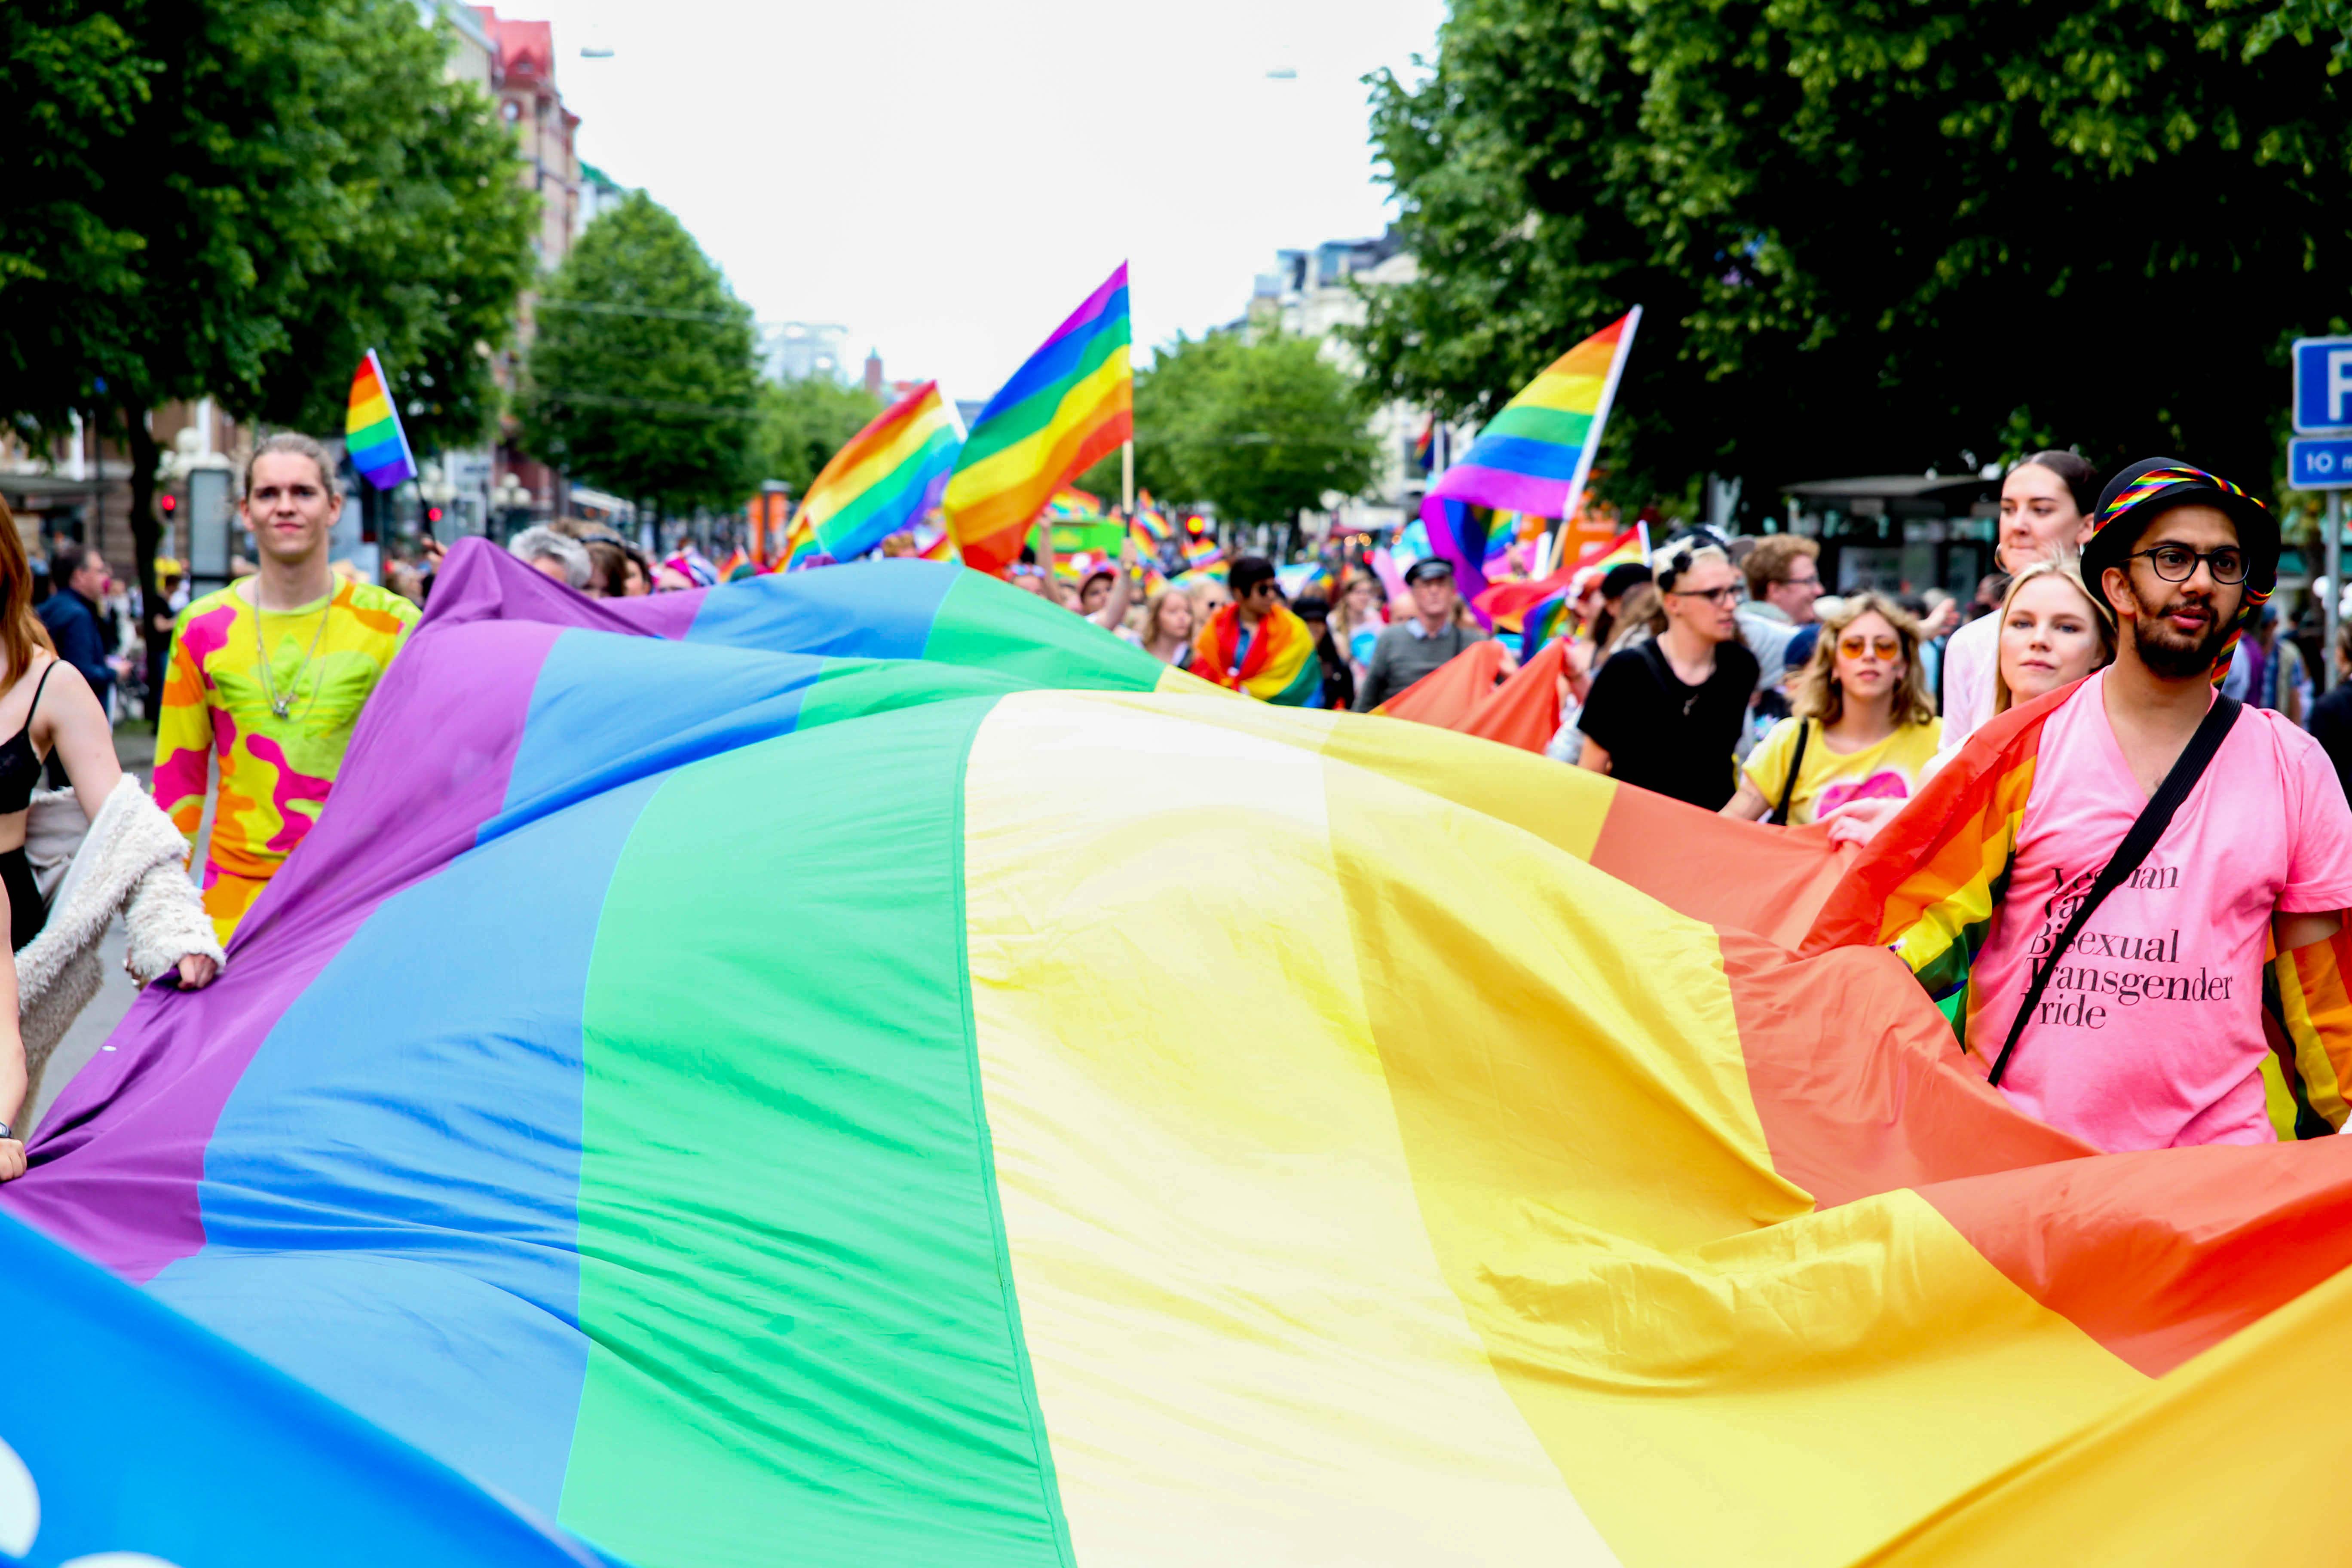 Därför har West Pride sagt nej till Sverigedemokraterna gällande utställarplats i EuroPride Park